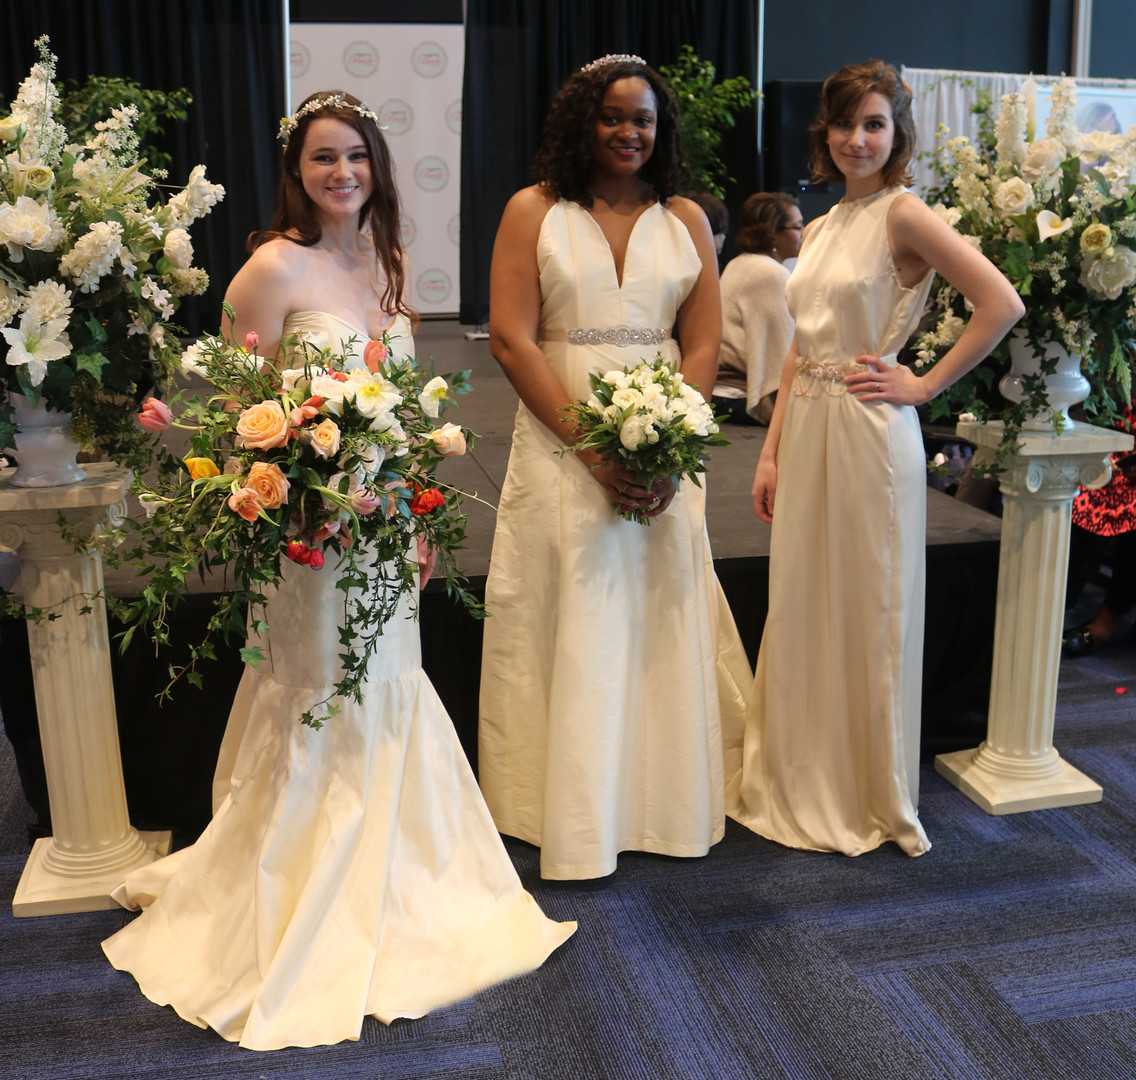 Virginia Bridal Expo - Group 003